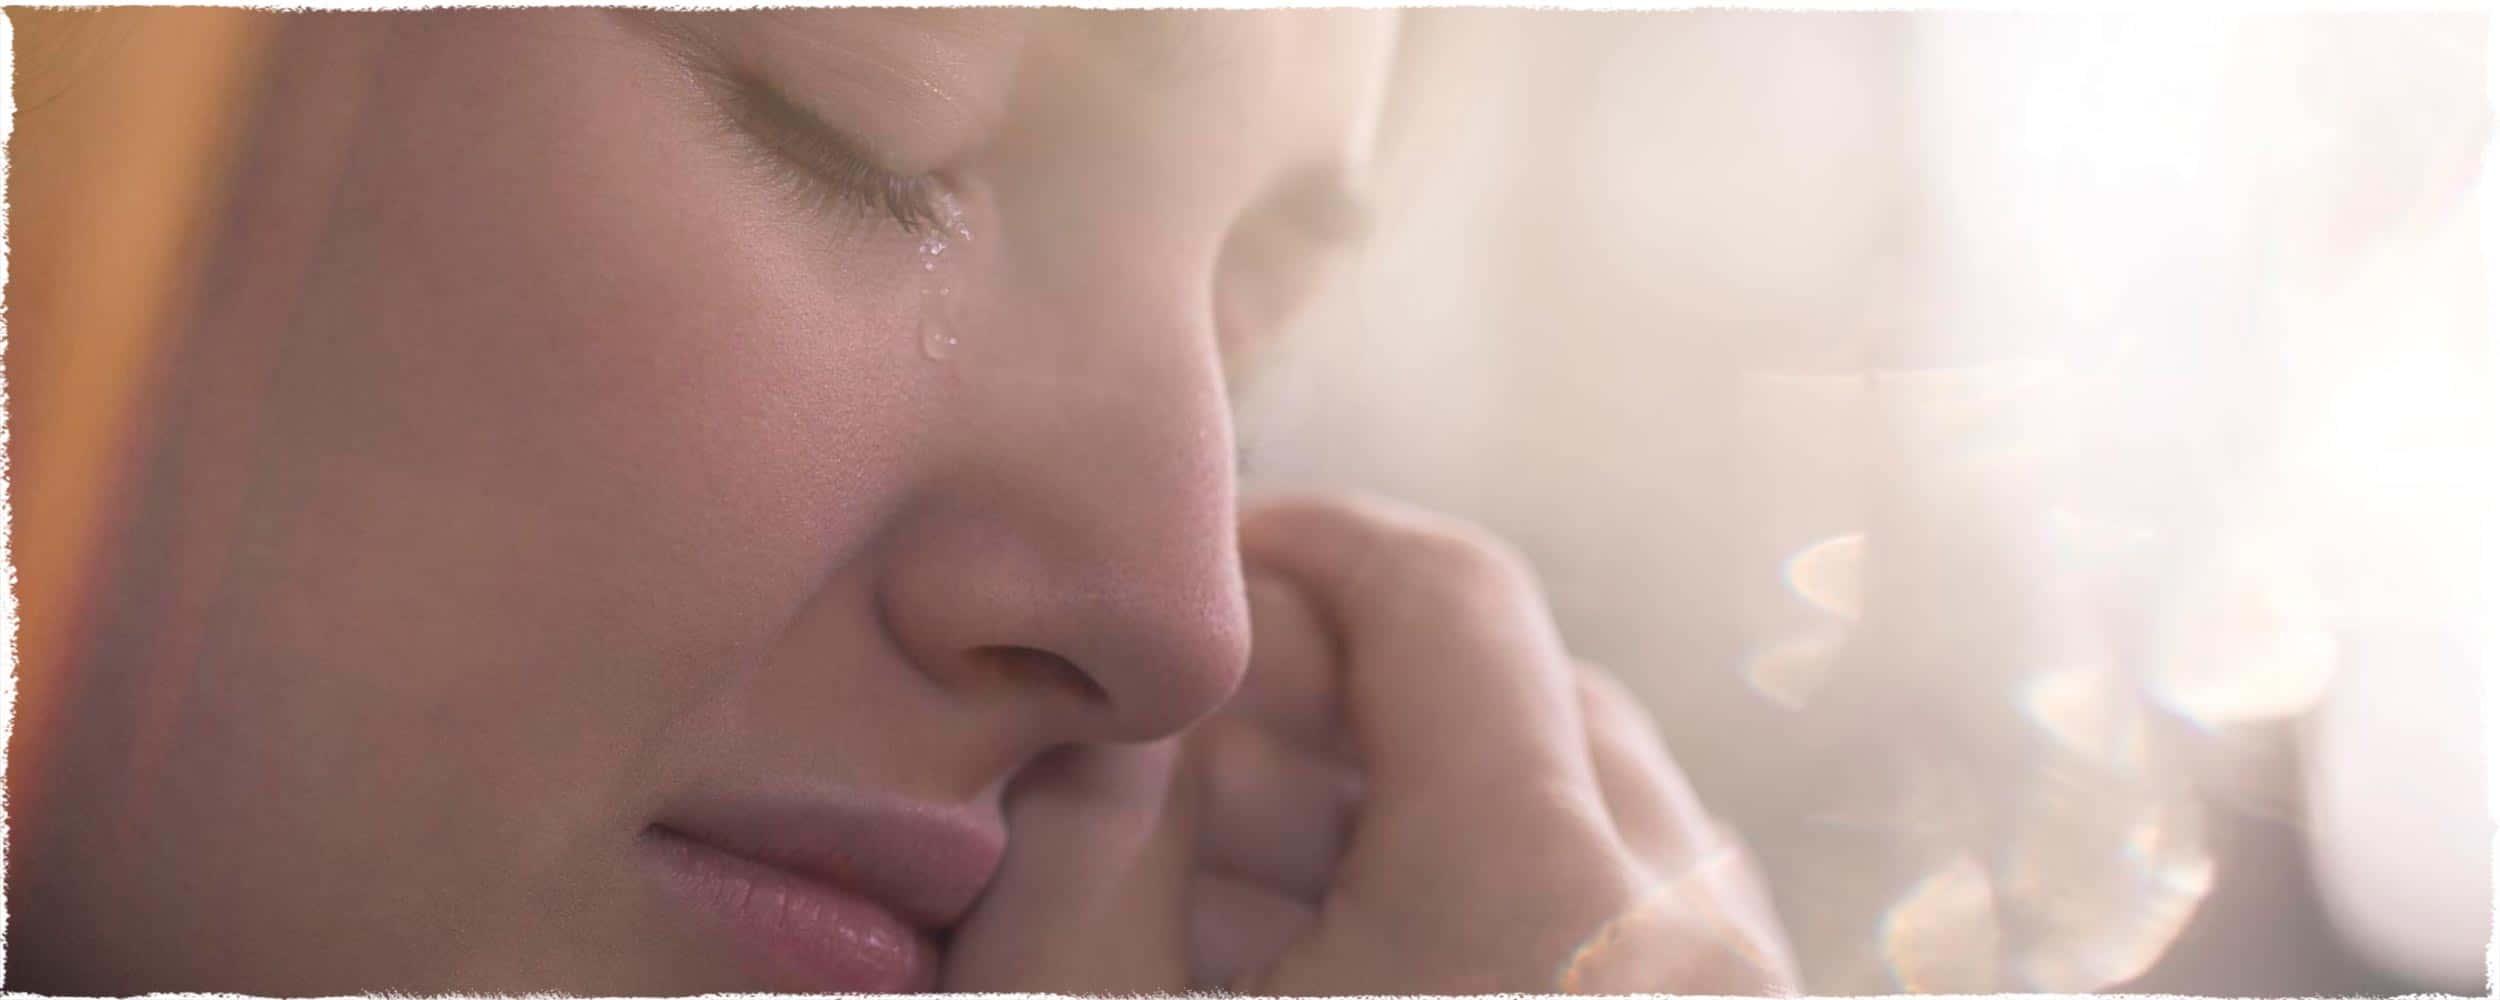 woman-crying@2x.jpg